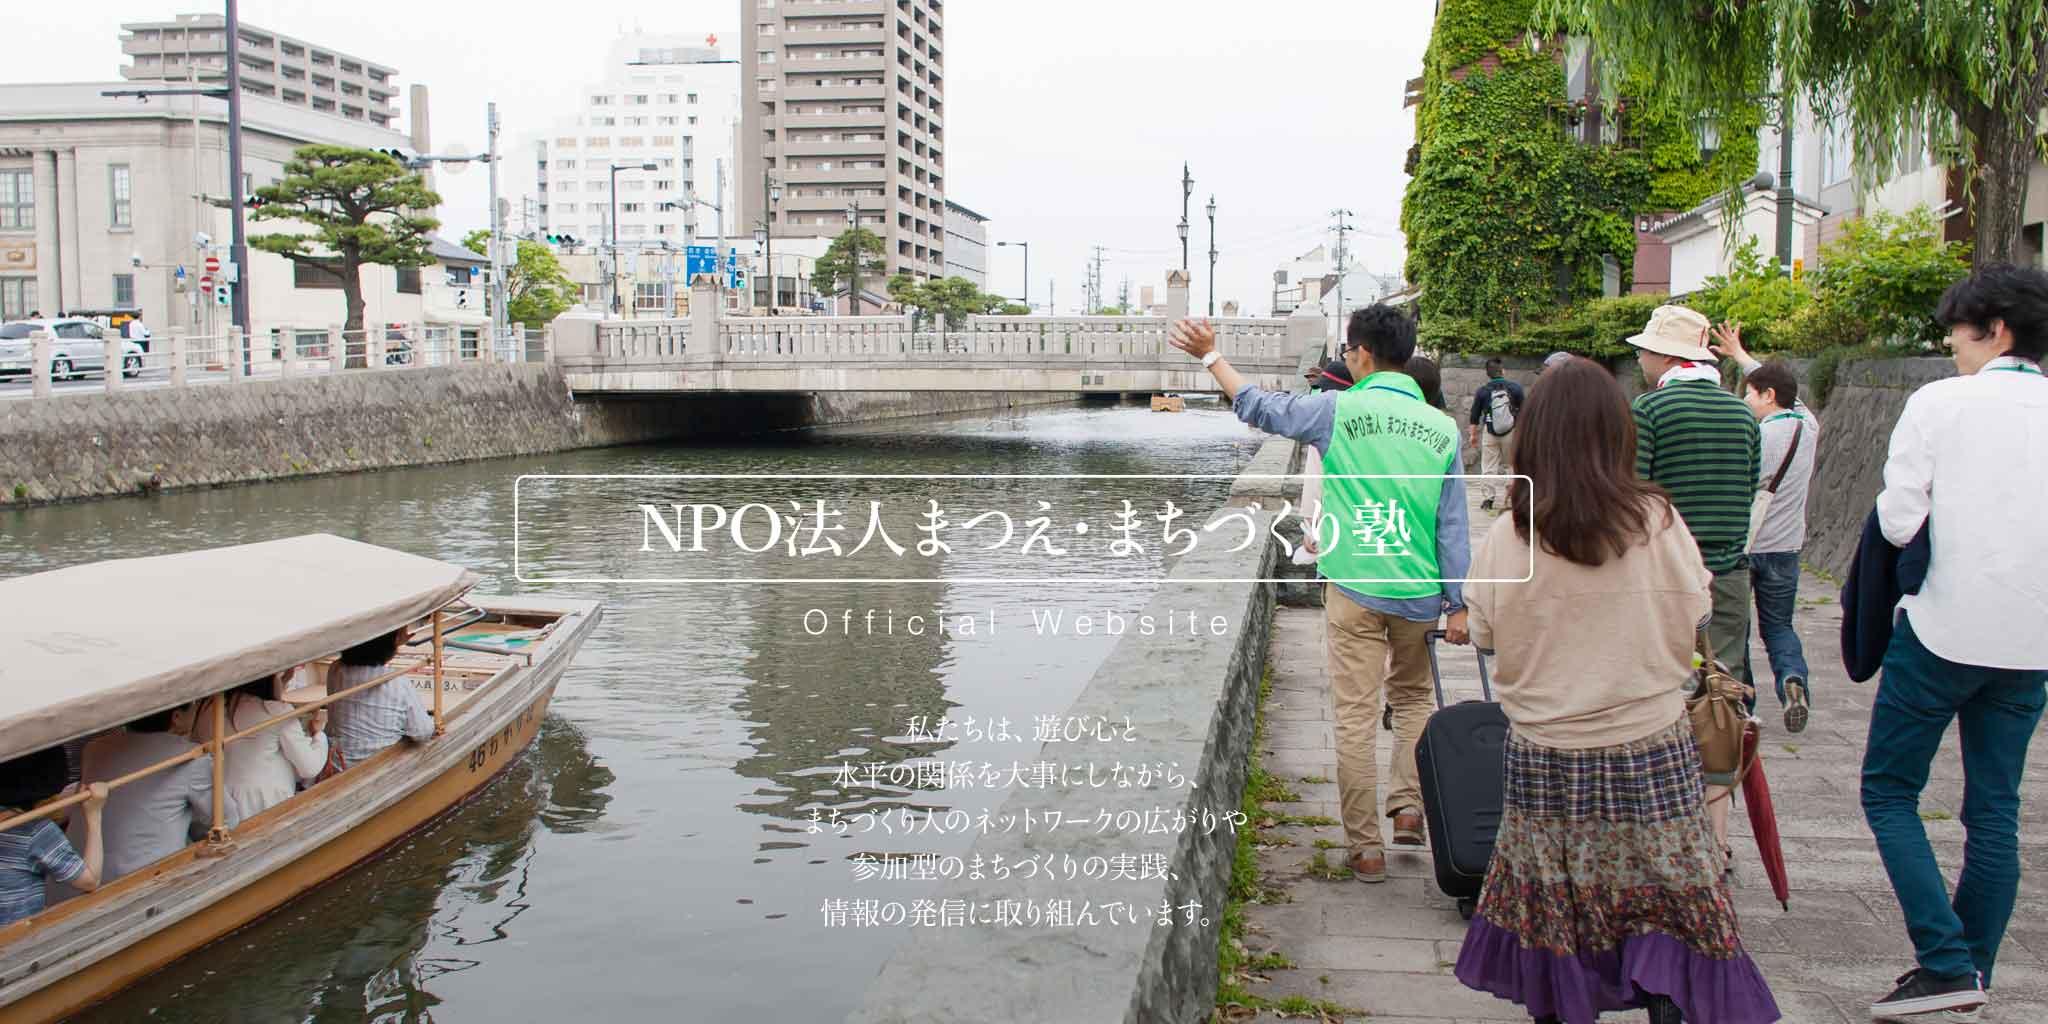 NPO法人まつえ・まちづくり塾公式サイト